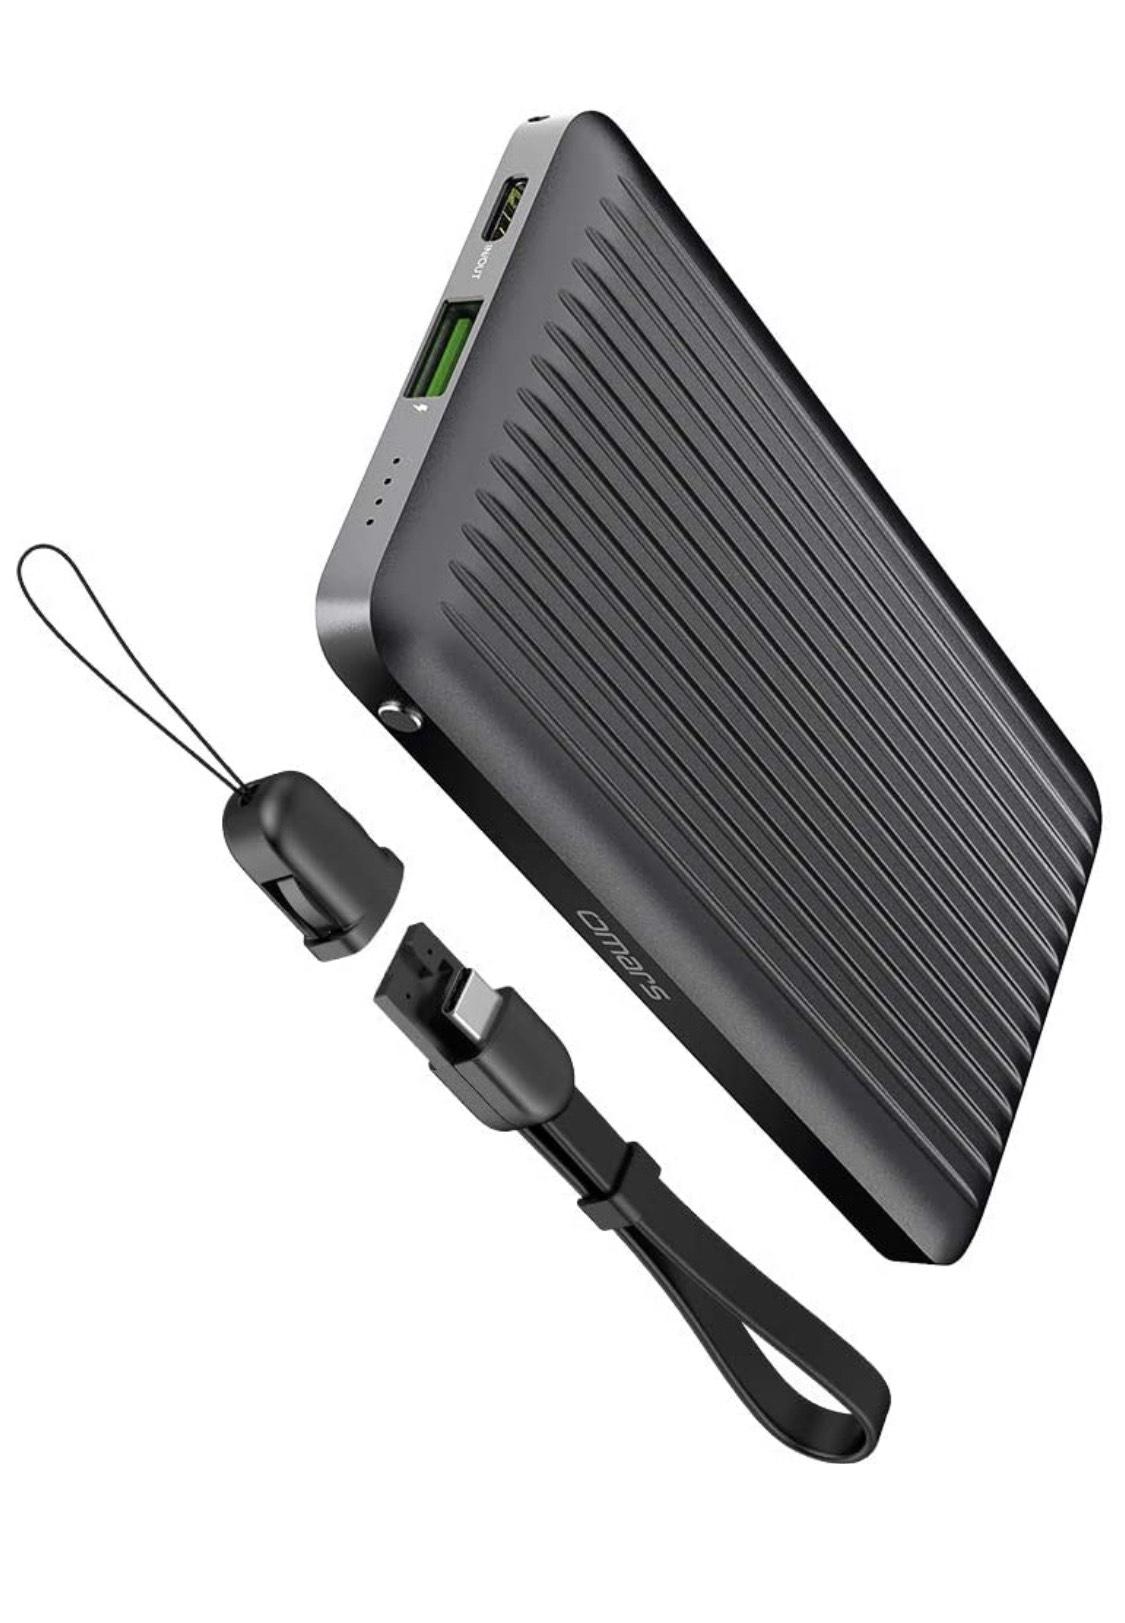 Batería externa 10.000 mAh carga rápida con cable USB A y USB-C